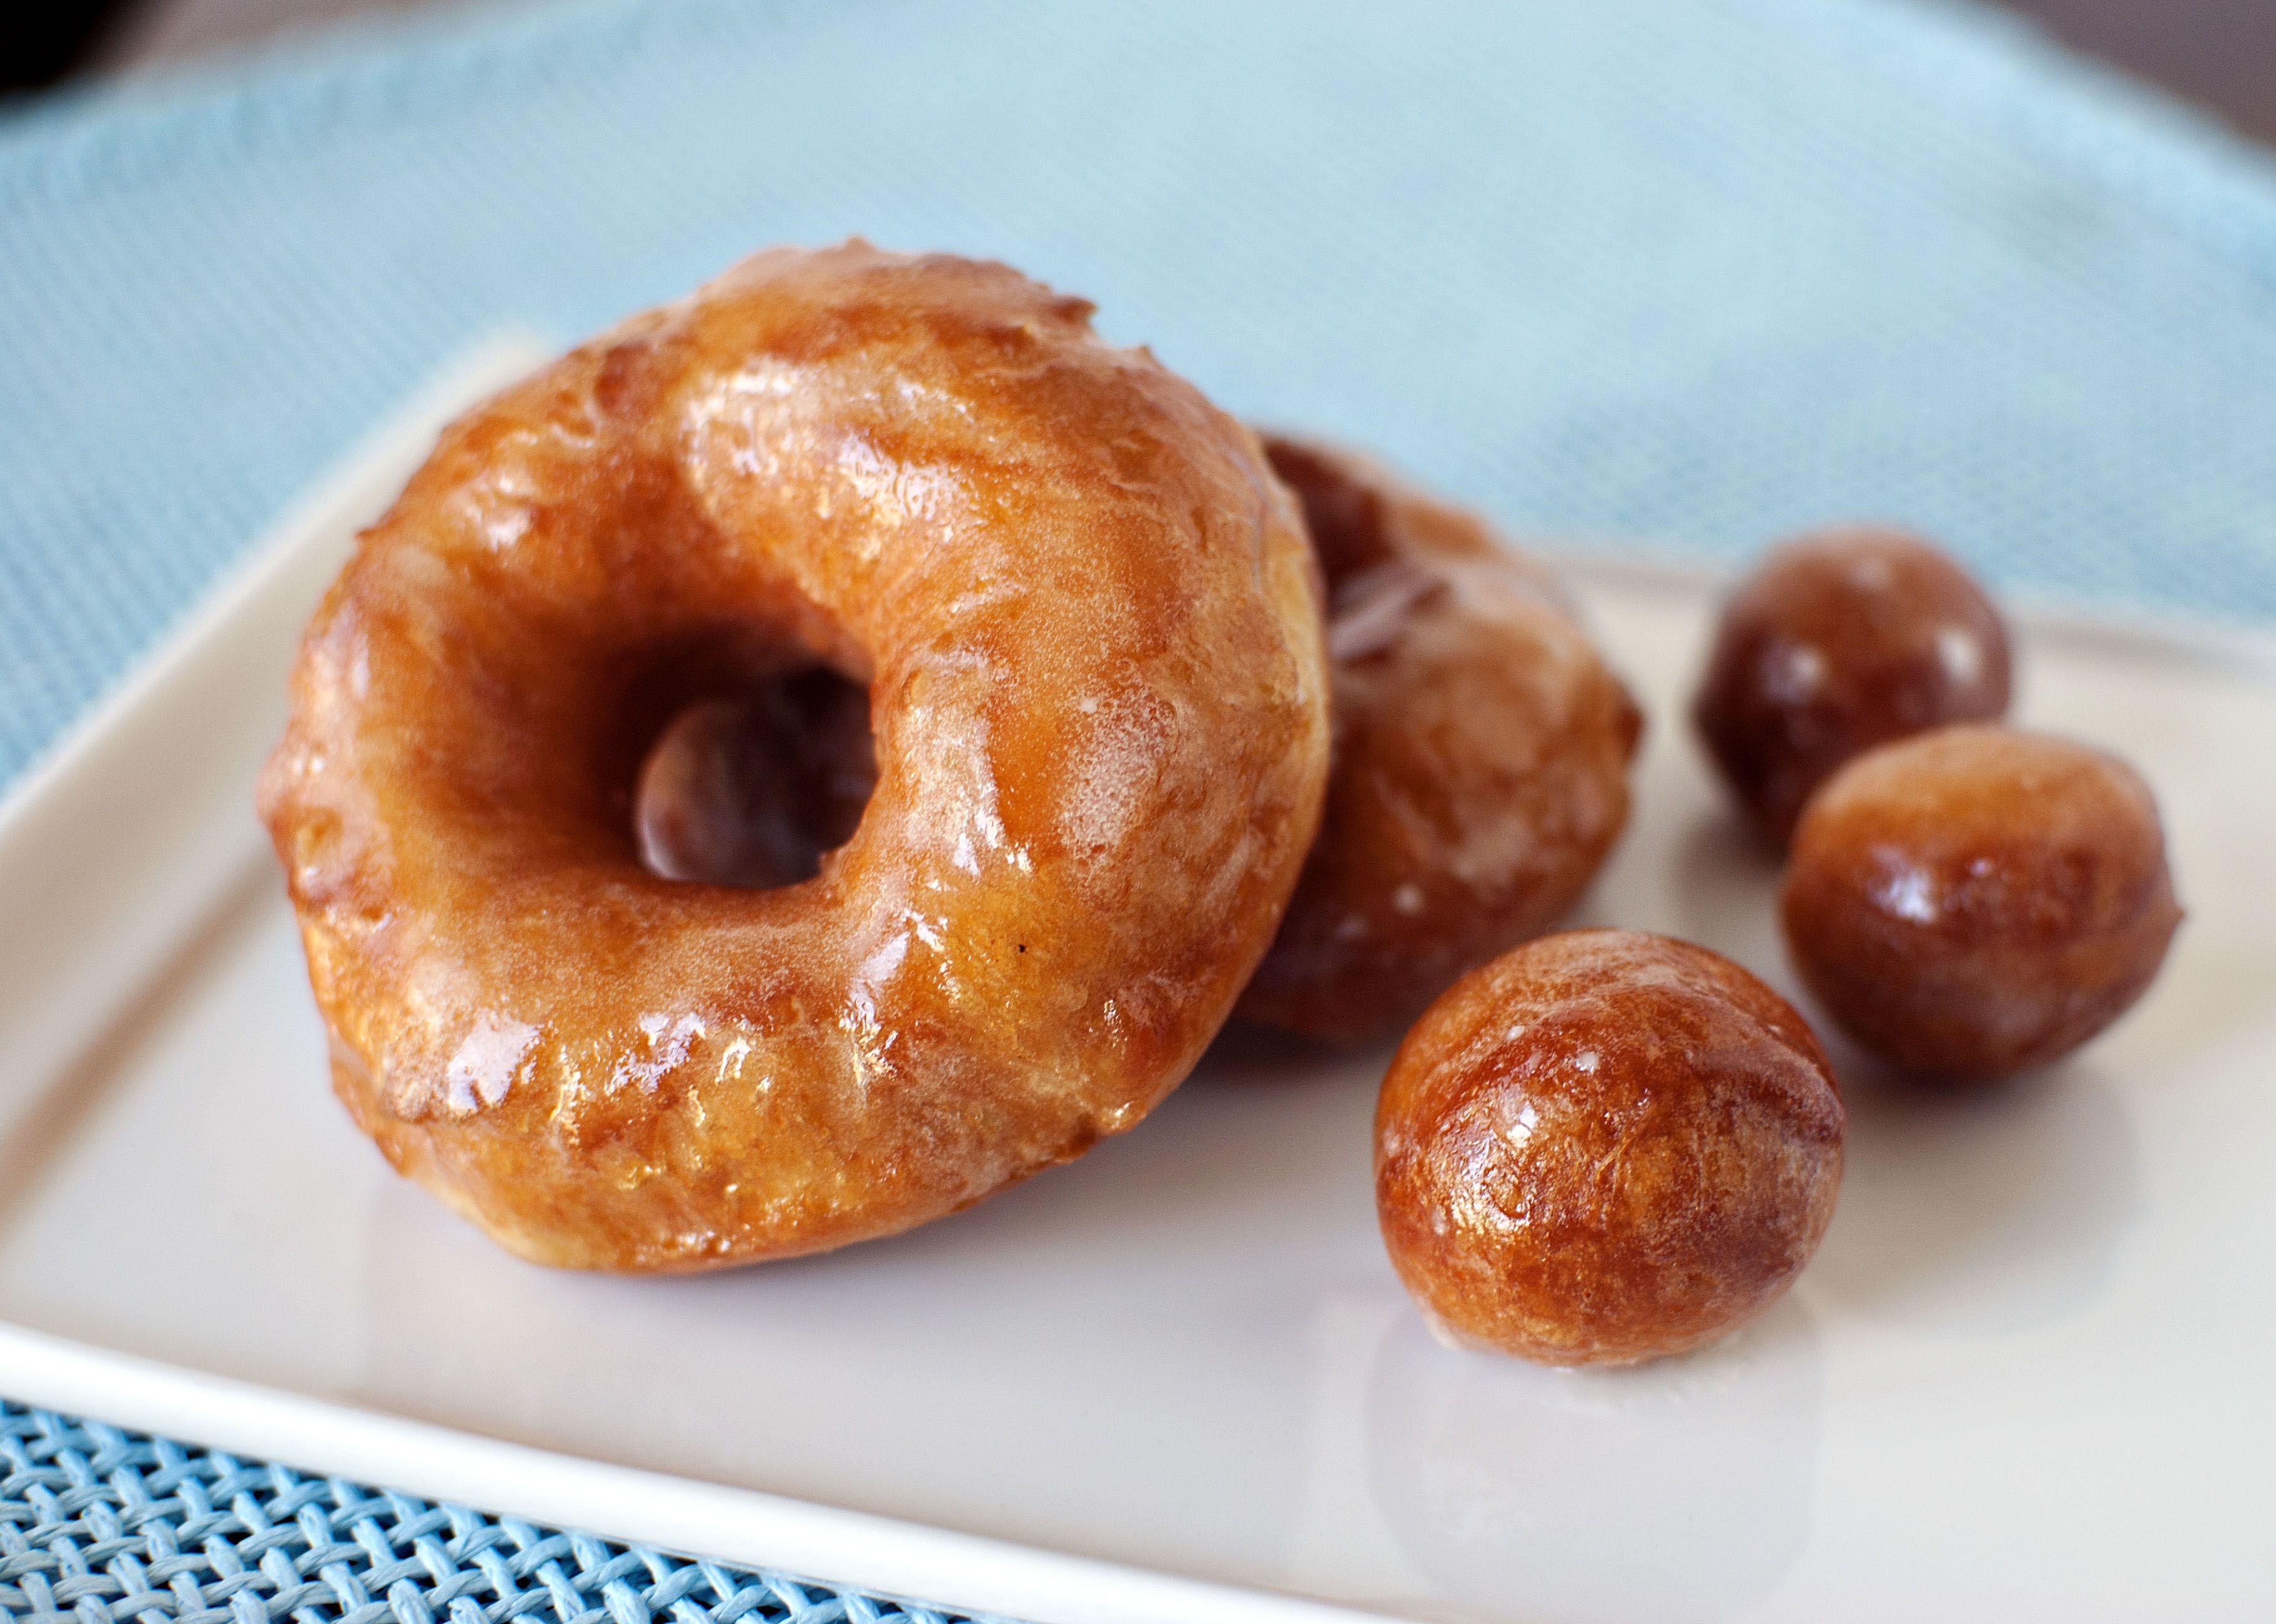 50c0835c530f77e9f9d30b0a4a6bb454 - Recetas Donuts